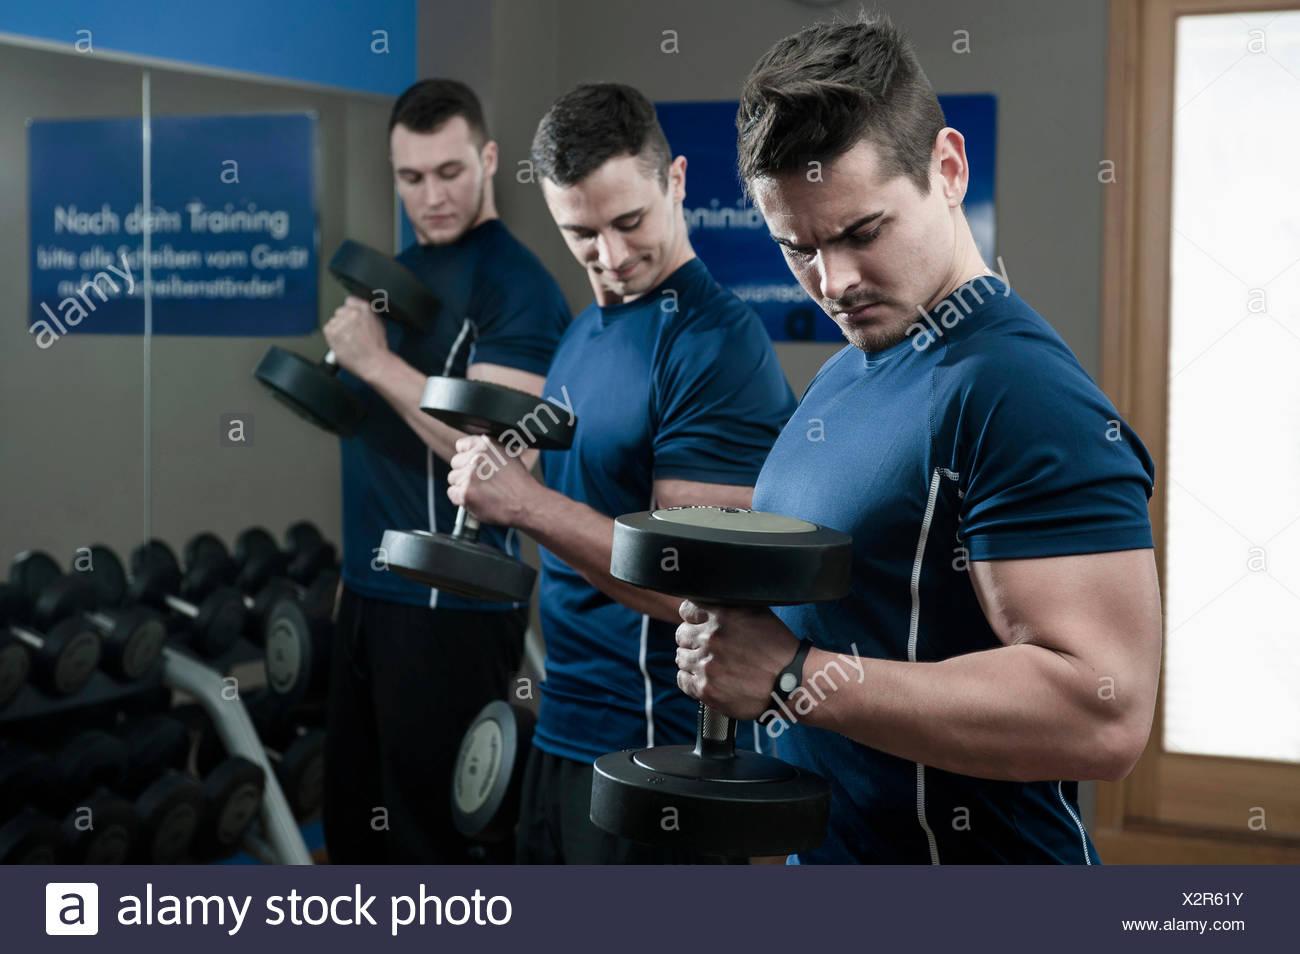 Trois jeunes hommes faisant la formation de poids dans une salle de sport Photo Stock